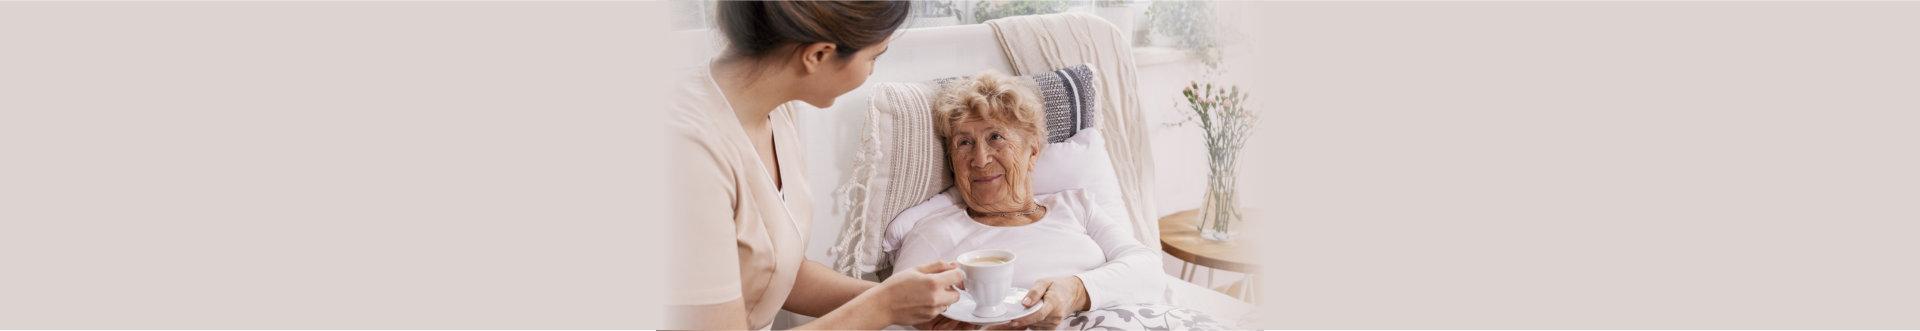 caregiver giving a blanket to an elder